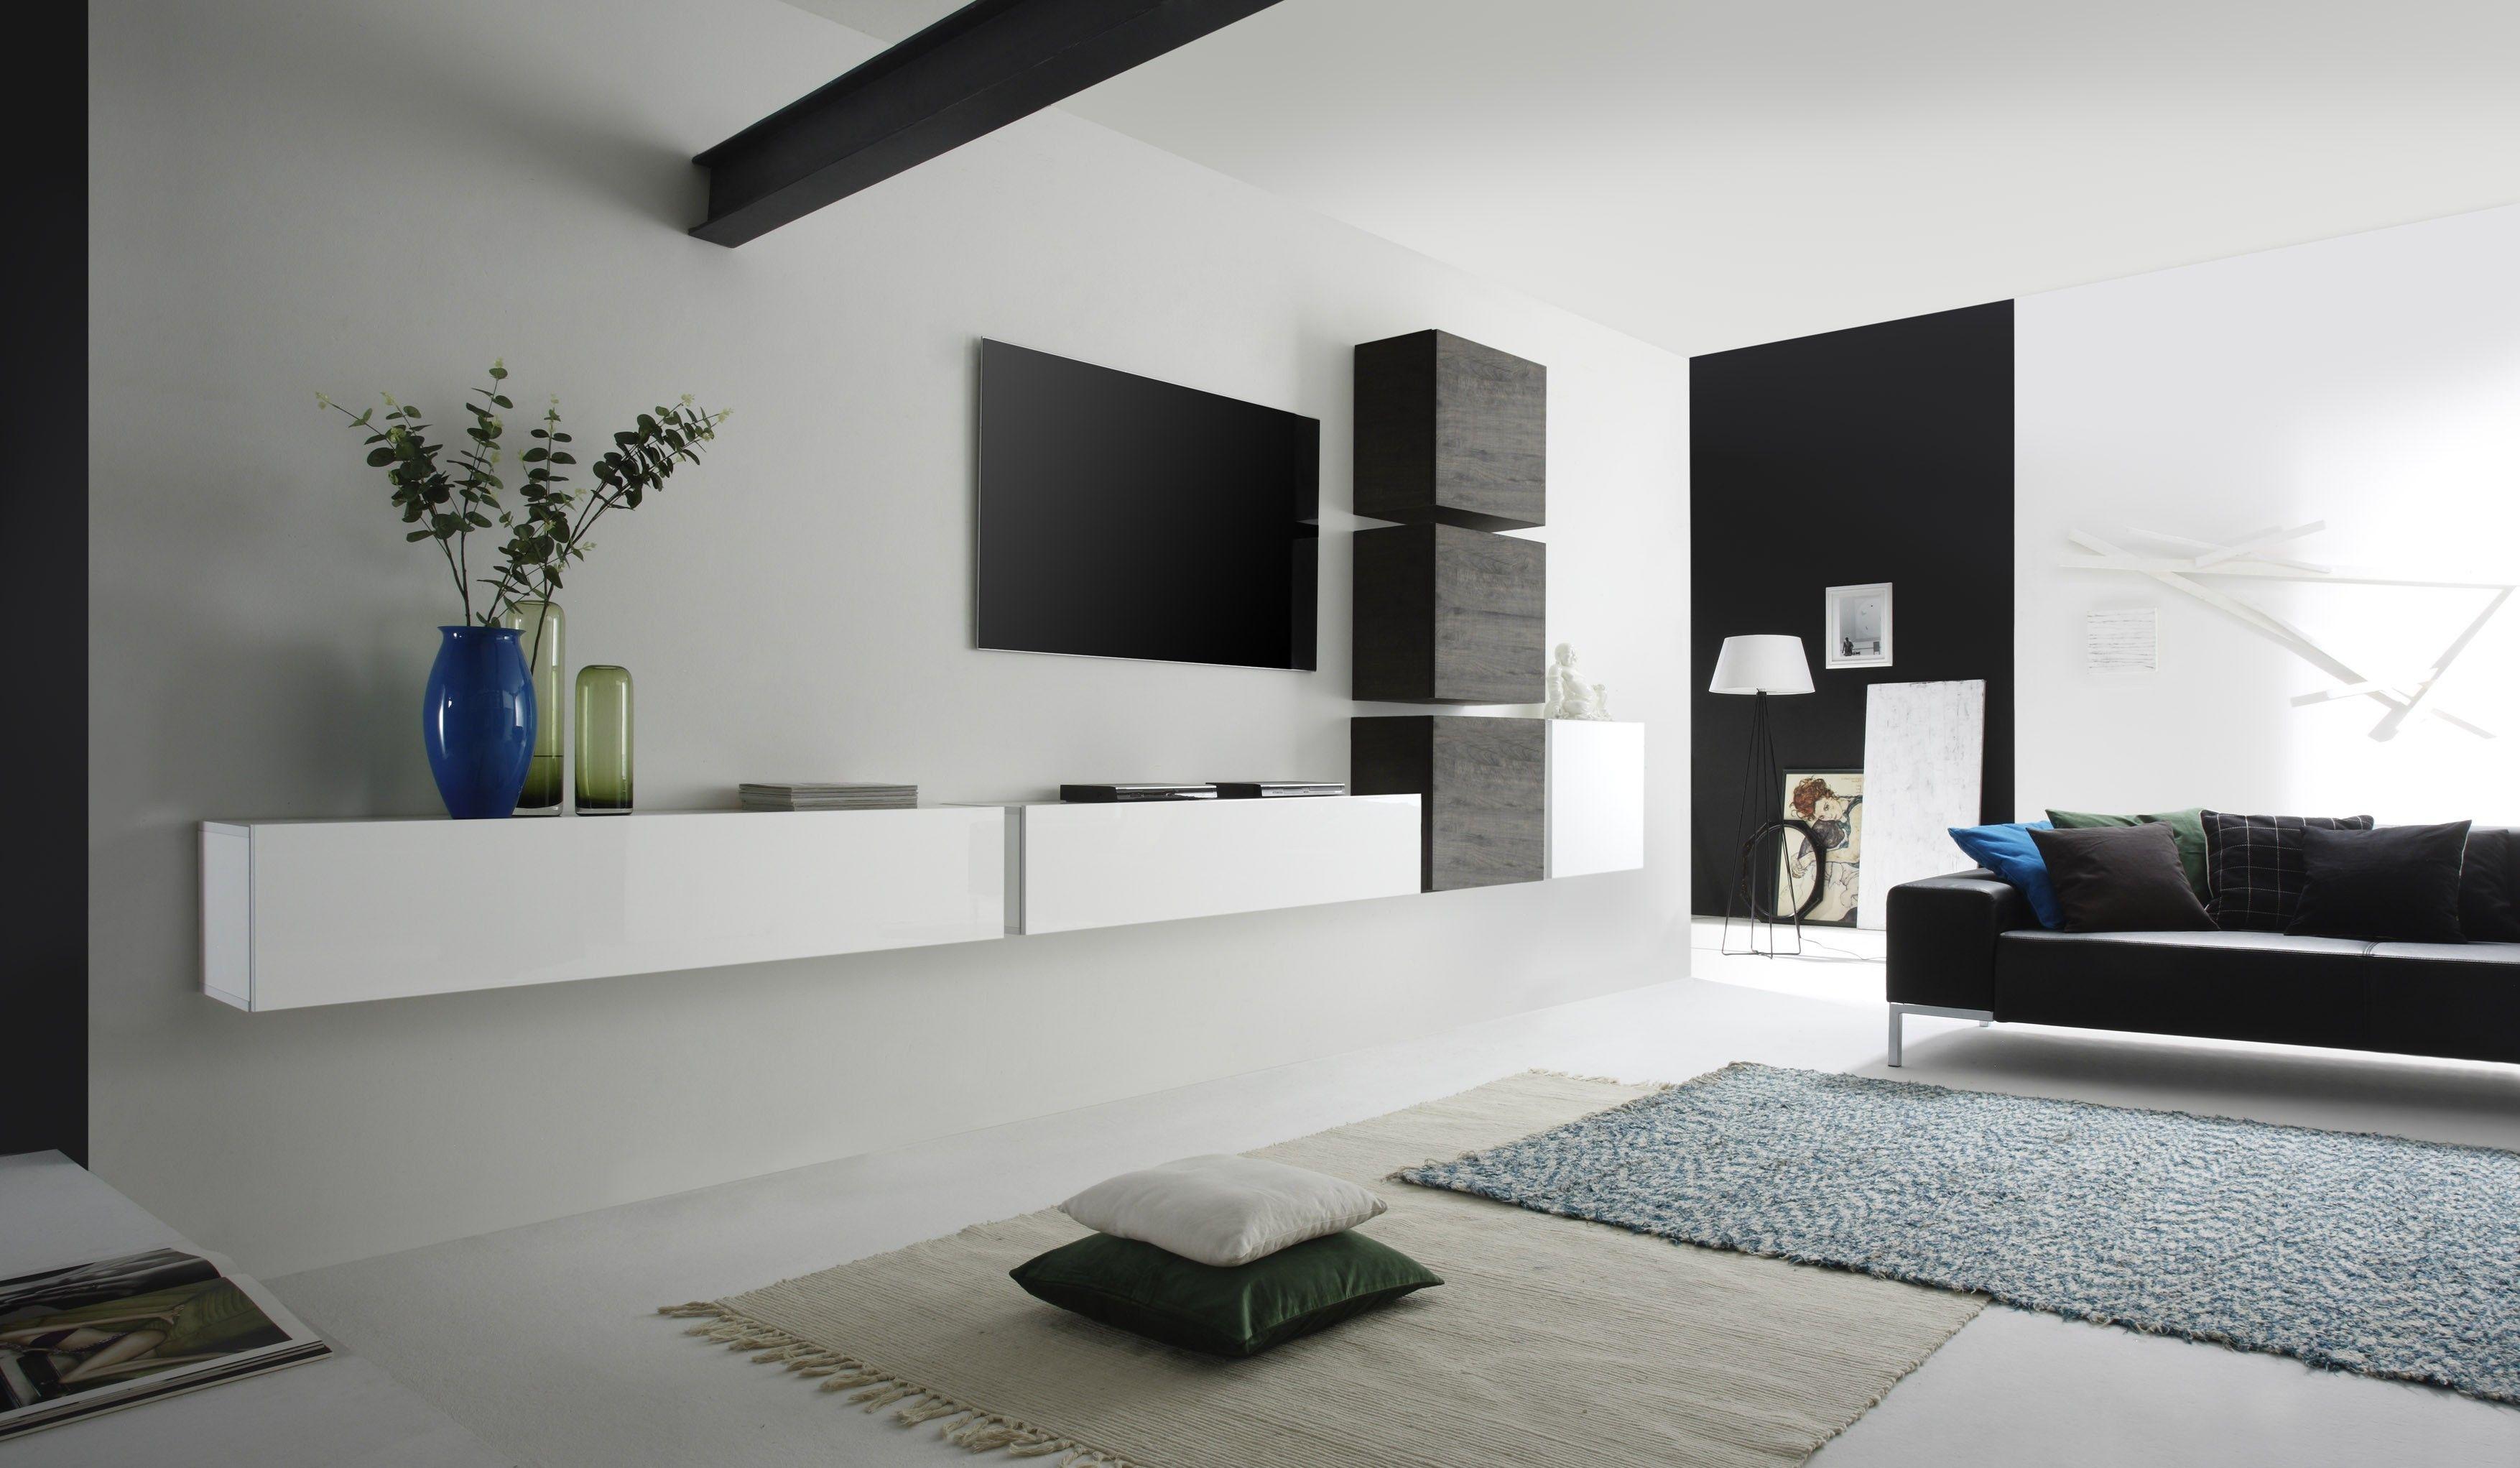 wohnwand weiss lack eiche wenge woody 12 00847 deco pinterest wohnzimmer moderne. Black Bedroom Furniture Sets. Home Design Ideas